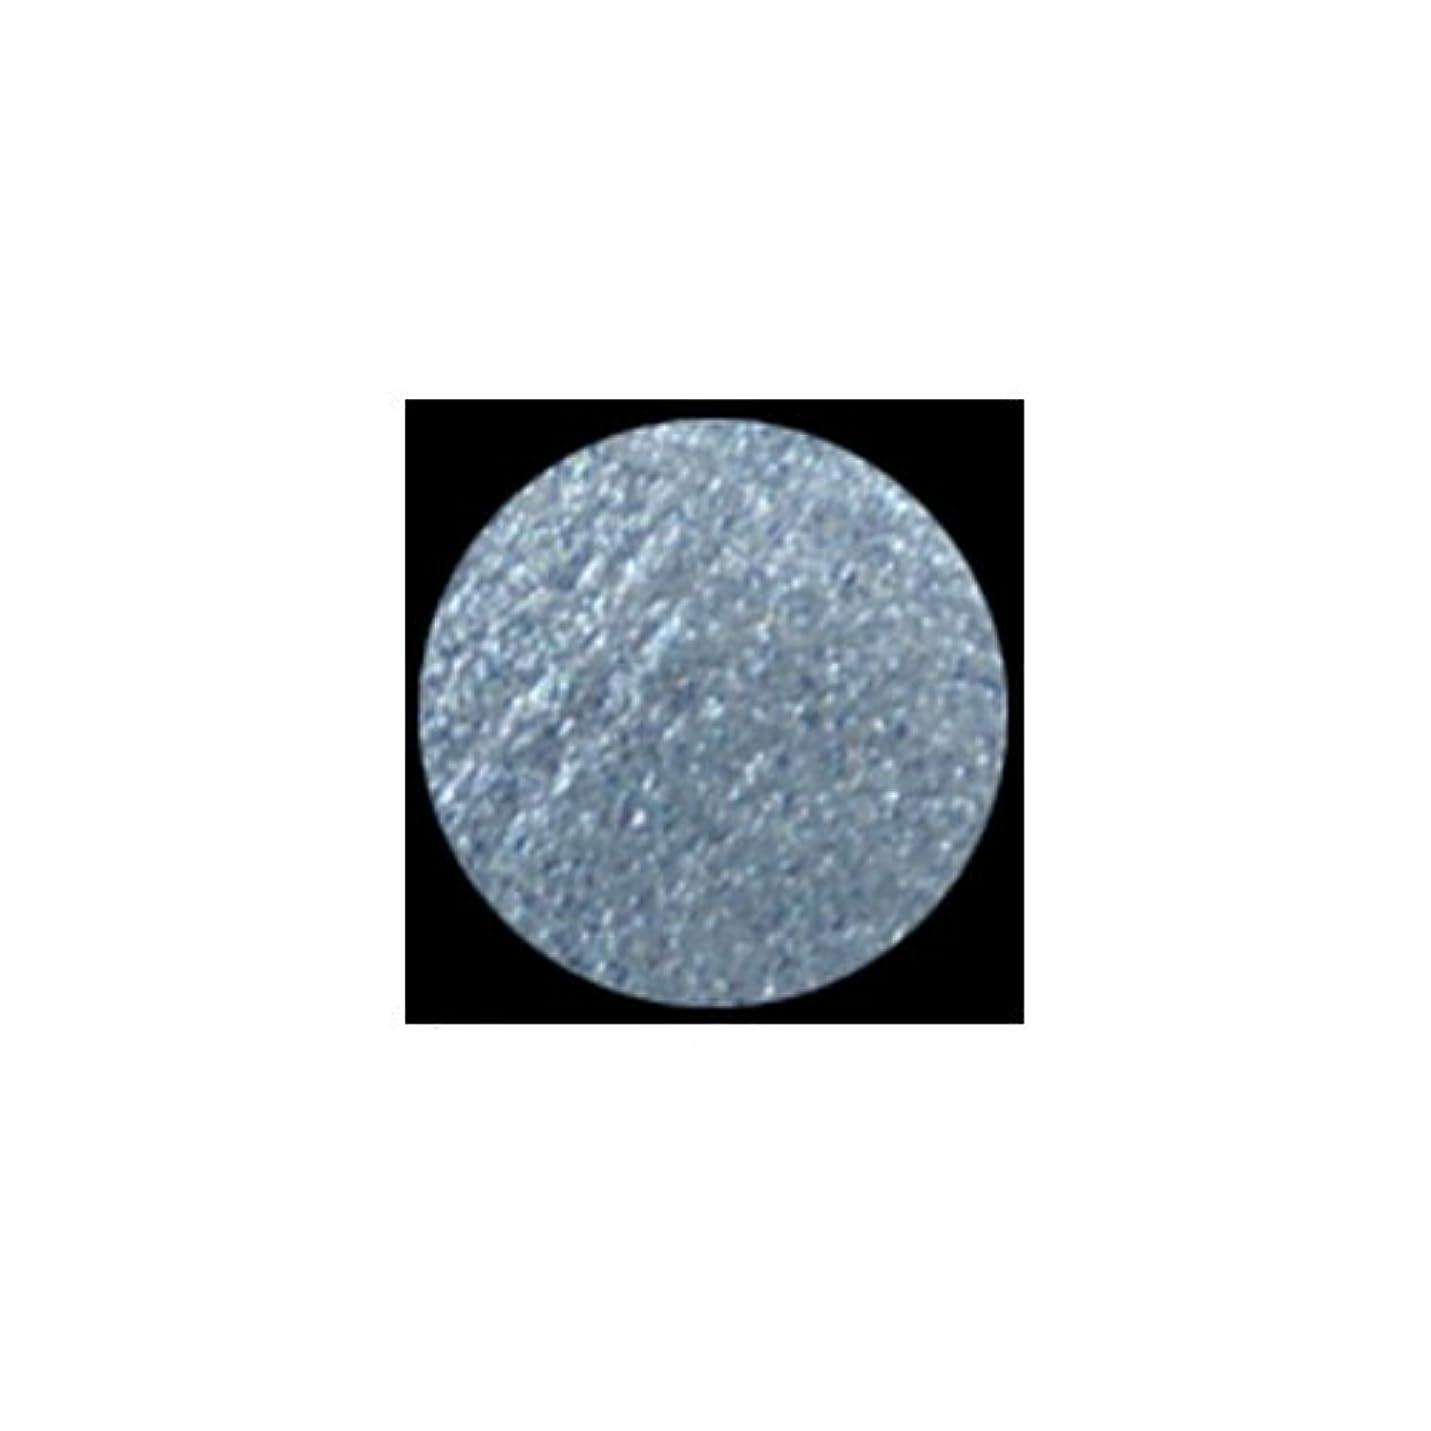 治療ウミウシ逆に(3 Pack) KLEANCOLOR American Eyedol (Wet/Dry Baked Eyeshadow) - Glitter Sapphire (並行輸入品)